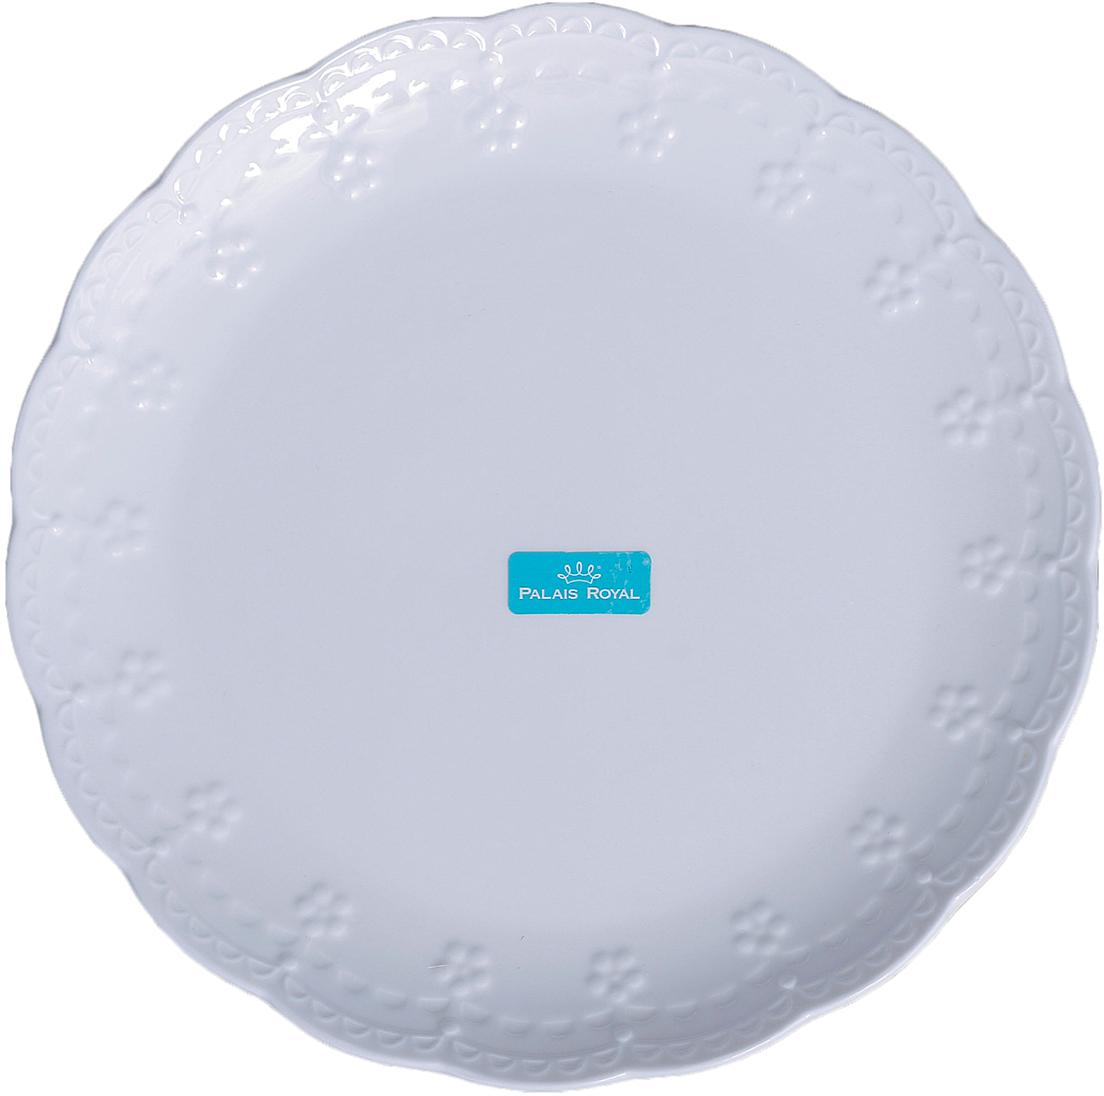 Тарелка Lamart Dolci, цвет: белый, диаметр 20 см1000080ТарелкаDolci, белая — отличный подарок, подчёркивающий яркую индивидуальность того, кому он предназначается. Некоторые вещи мы вряд ли когда-то купим себе сами. Но, будучи подаренными друзьями или родными, они доставляют нам массу удовольствия. С одной такой вещи может начаться целая коллекция. Только у нас вы можете купить оптом данный товар по столь привлекательной цене.